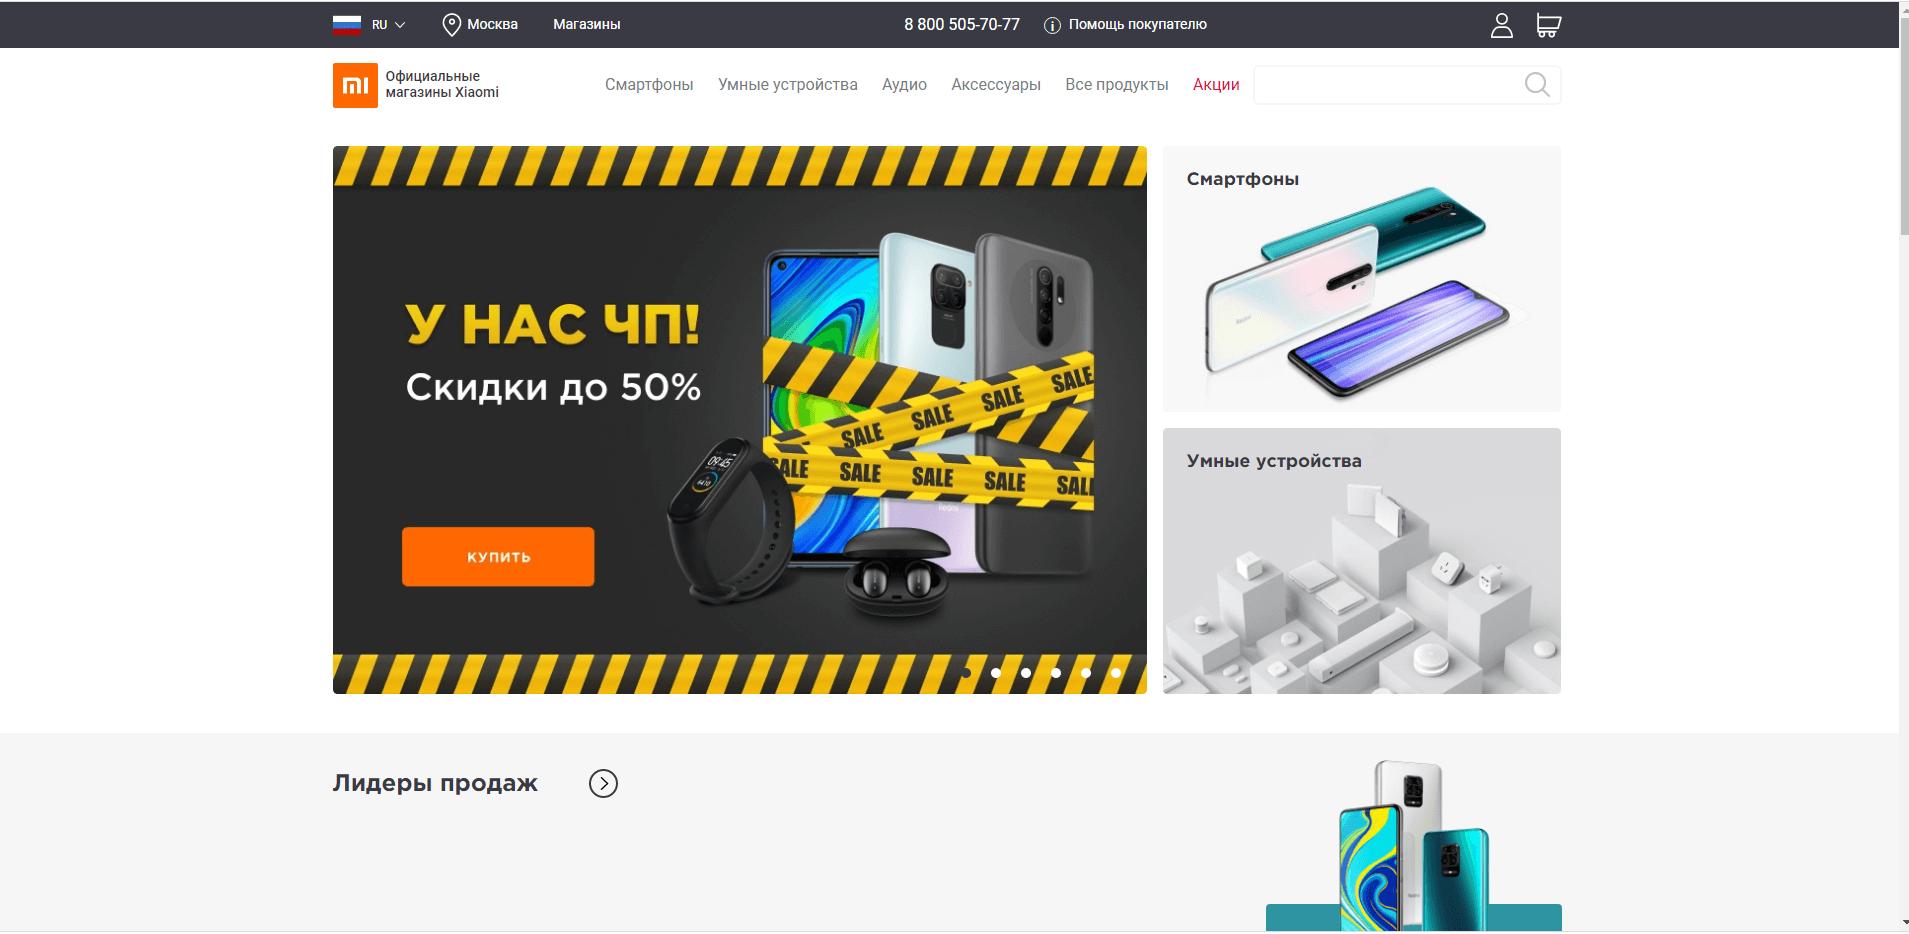 mi-shop.com website